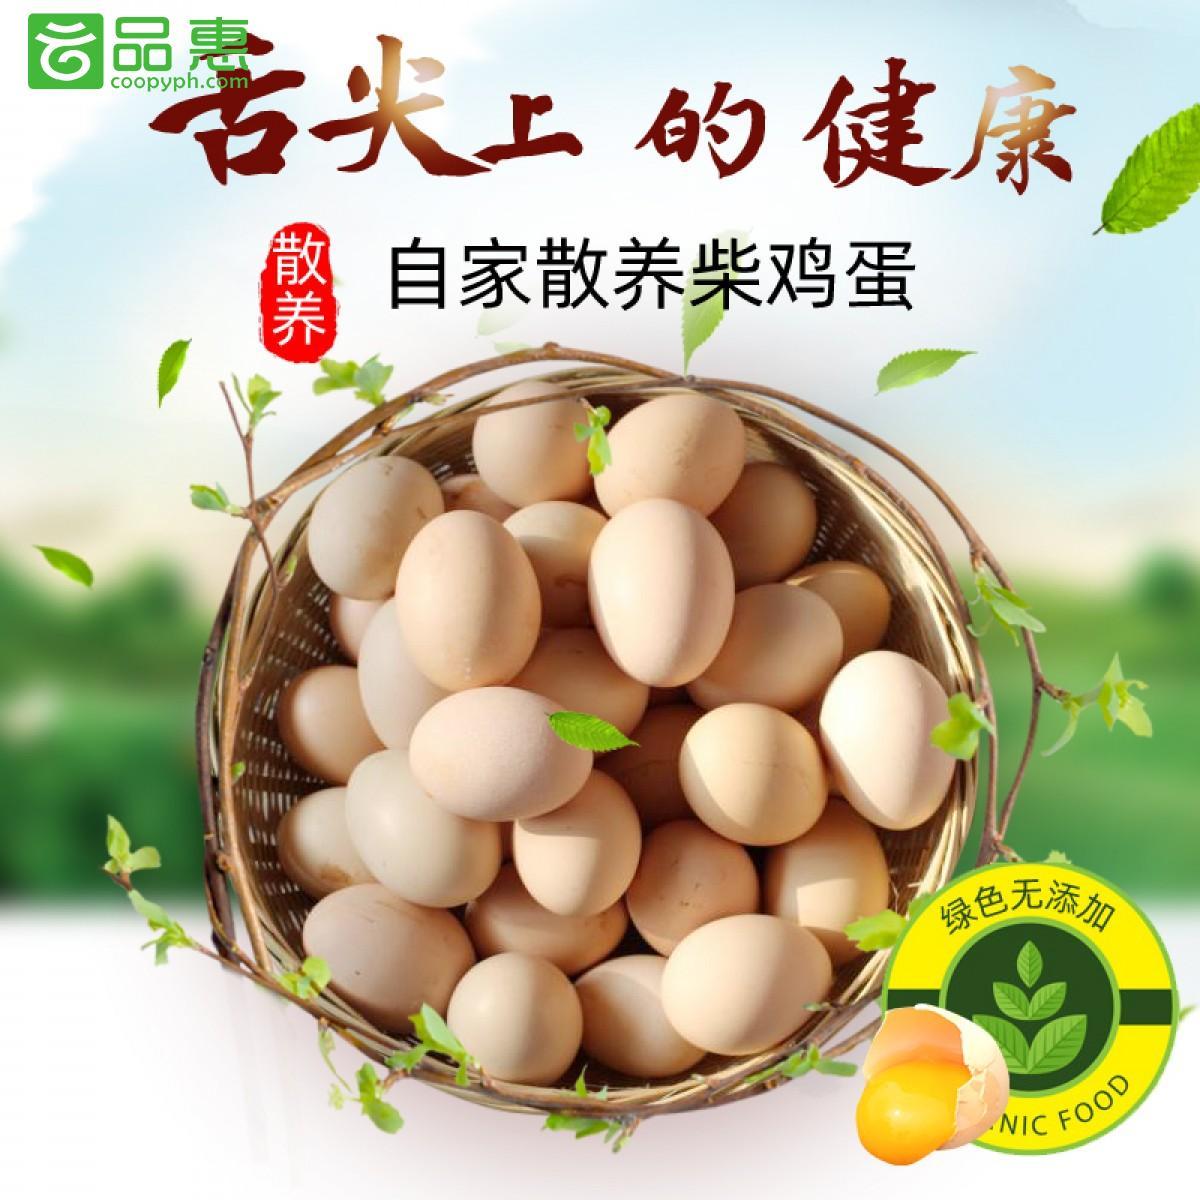 云南供销定点扶贫产品|宣威迤那村 宣威逶村农家散养原生土鸡蛋30枚